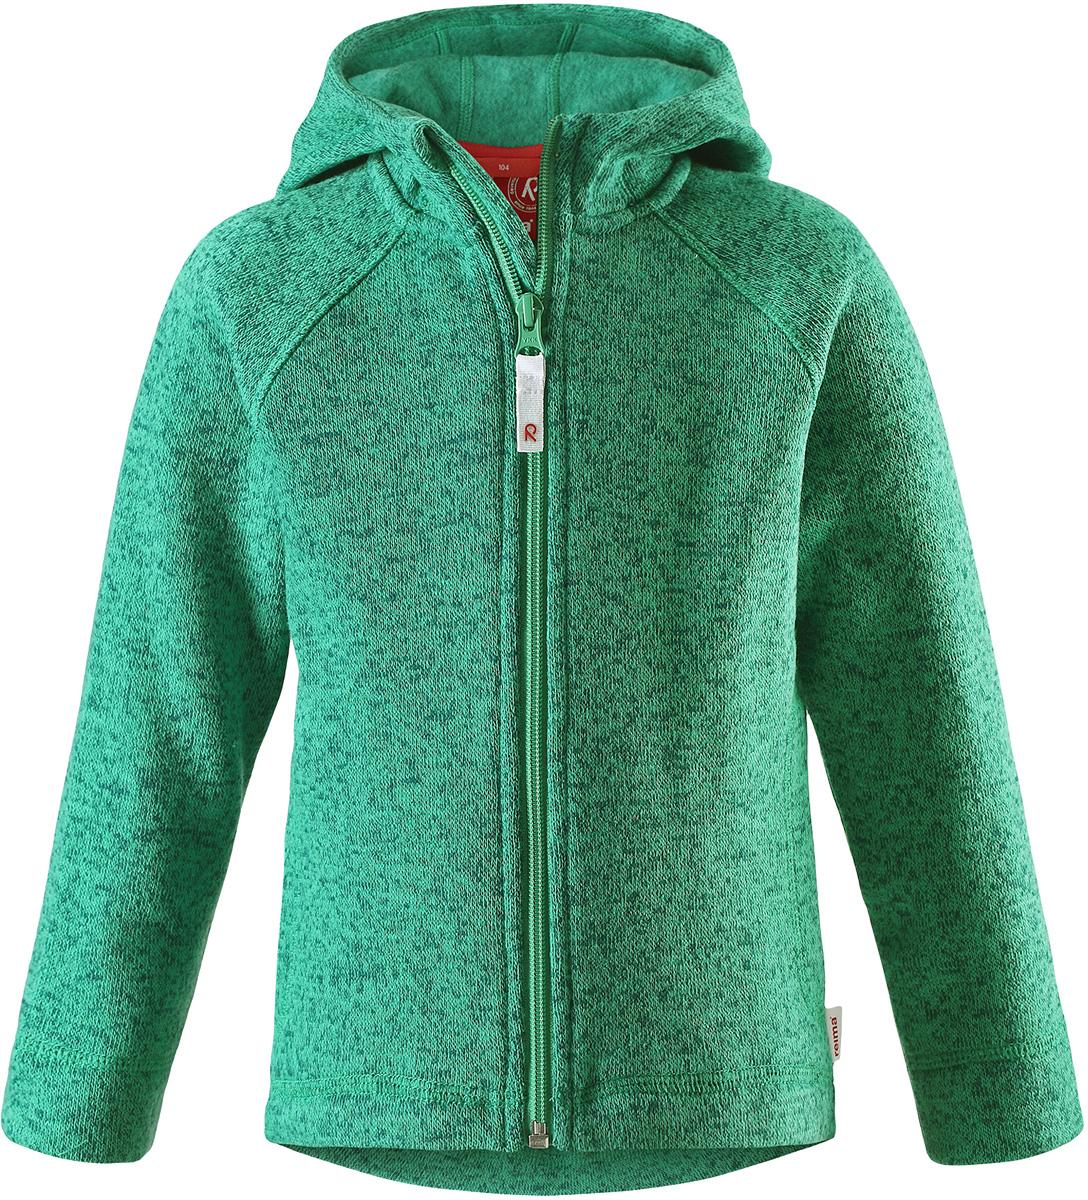 Толстовка флисовая детская Reima Pursi, цвет: зеленый. 5262518800. Размер 1345262518800Детская флисовая толстовка Reima с капюшоном отличный вариант на прохладный день. Можно использовать как верхнюю одежду в сухую погоду весной и осенью или надевать в качестве промежуточного слоя в холода. Обратите внимание на удобную систему кнопок Play Layers, с помощью которой легко присоединить эту модель к одежде из серии Reima Play Layers и обеспечить ребенку дополнительное тепло и комфорт. Высококачественный флис - это теплый, легкий и быстросохнущий материал, он идеально подходит для активных прогулок. Удлиненная спинка обеспечивает дополнительную защиту для поясницы, а молния во всю длину с защитой для подбородка облегчает надевание.